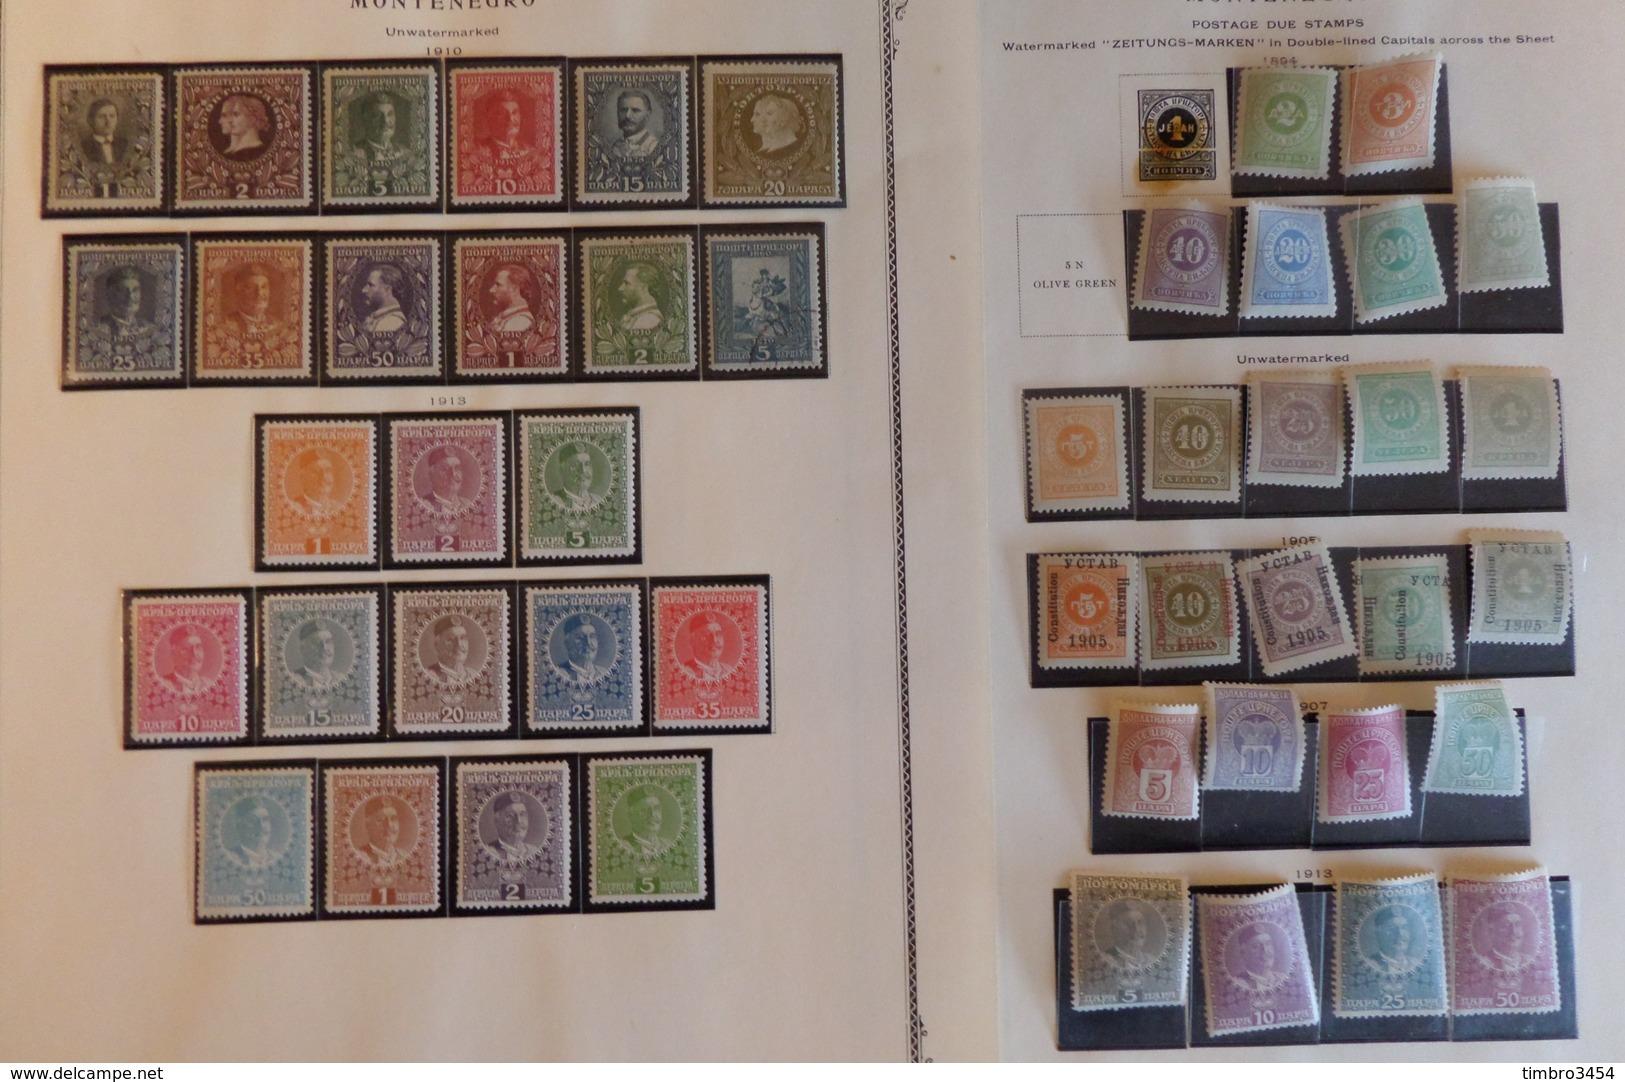 Montenegro Belle Collection D'anciens 1874/1913. Bonnes Valeurs Et Forte Cote. B/TB. A Saisir! - Montenegro